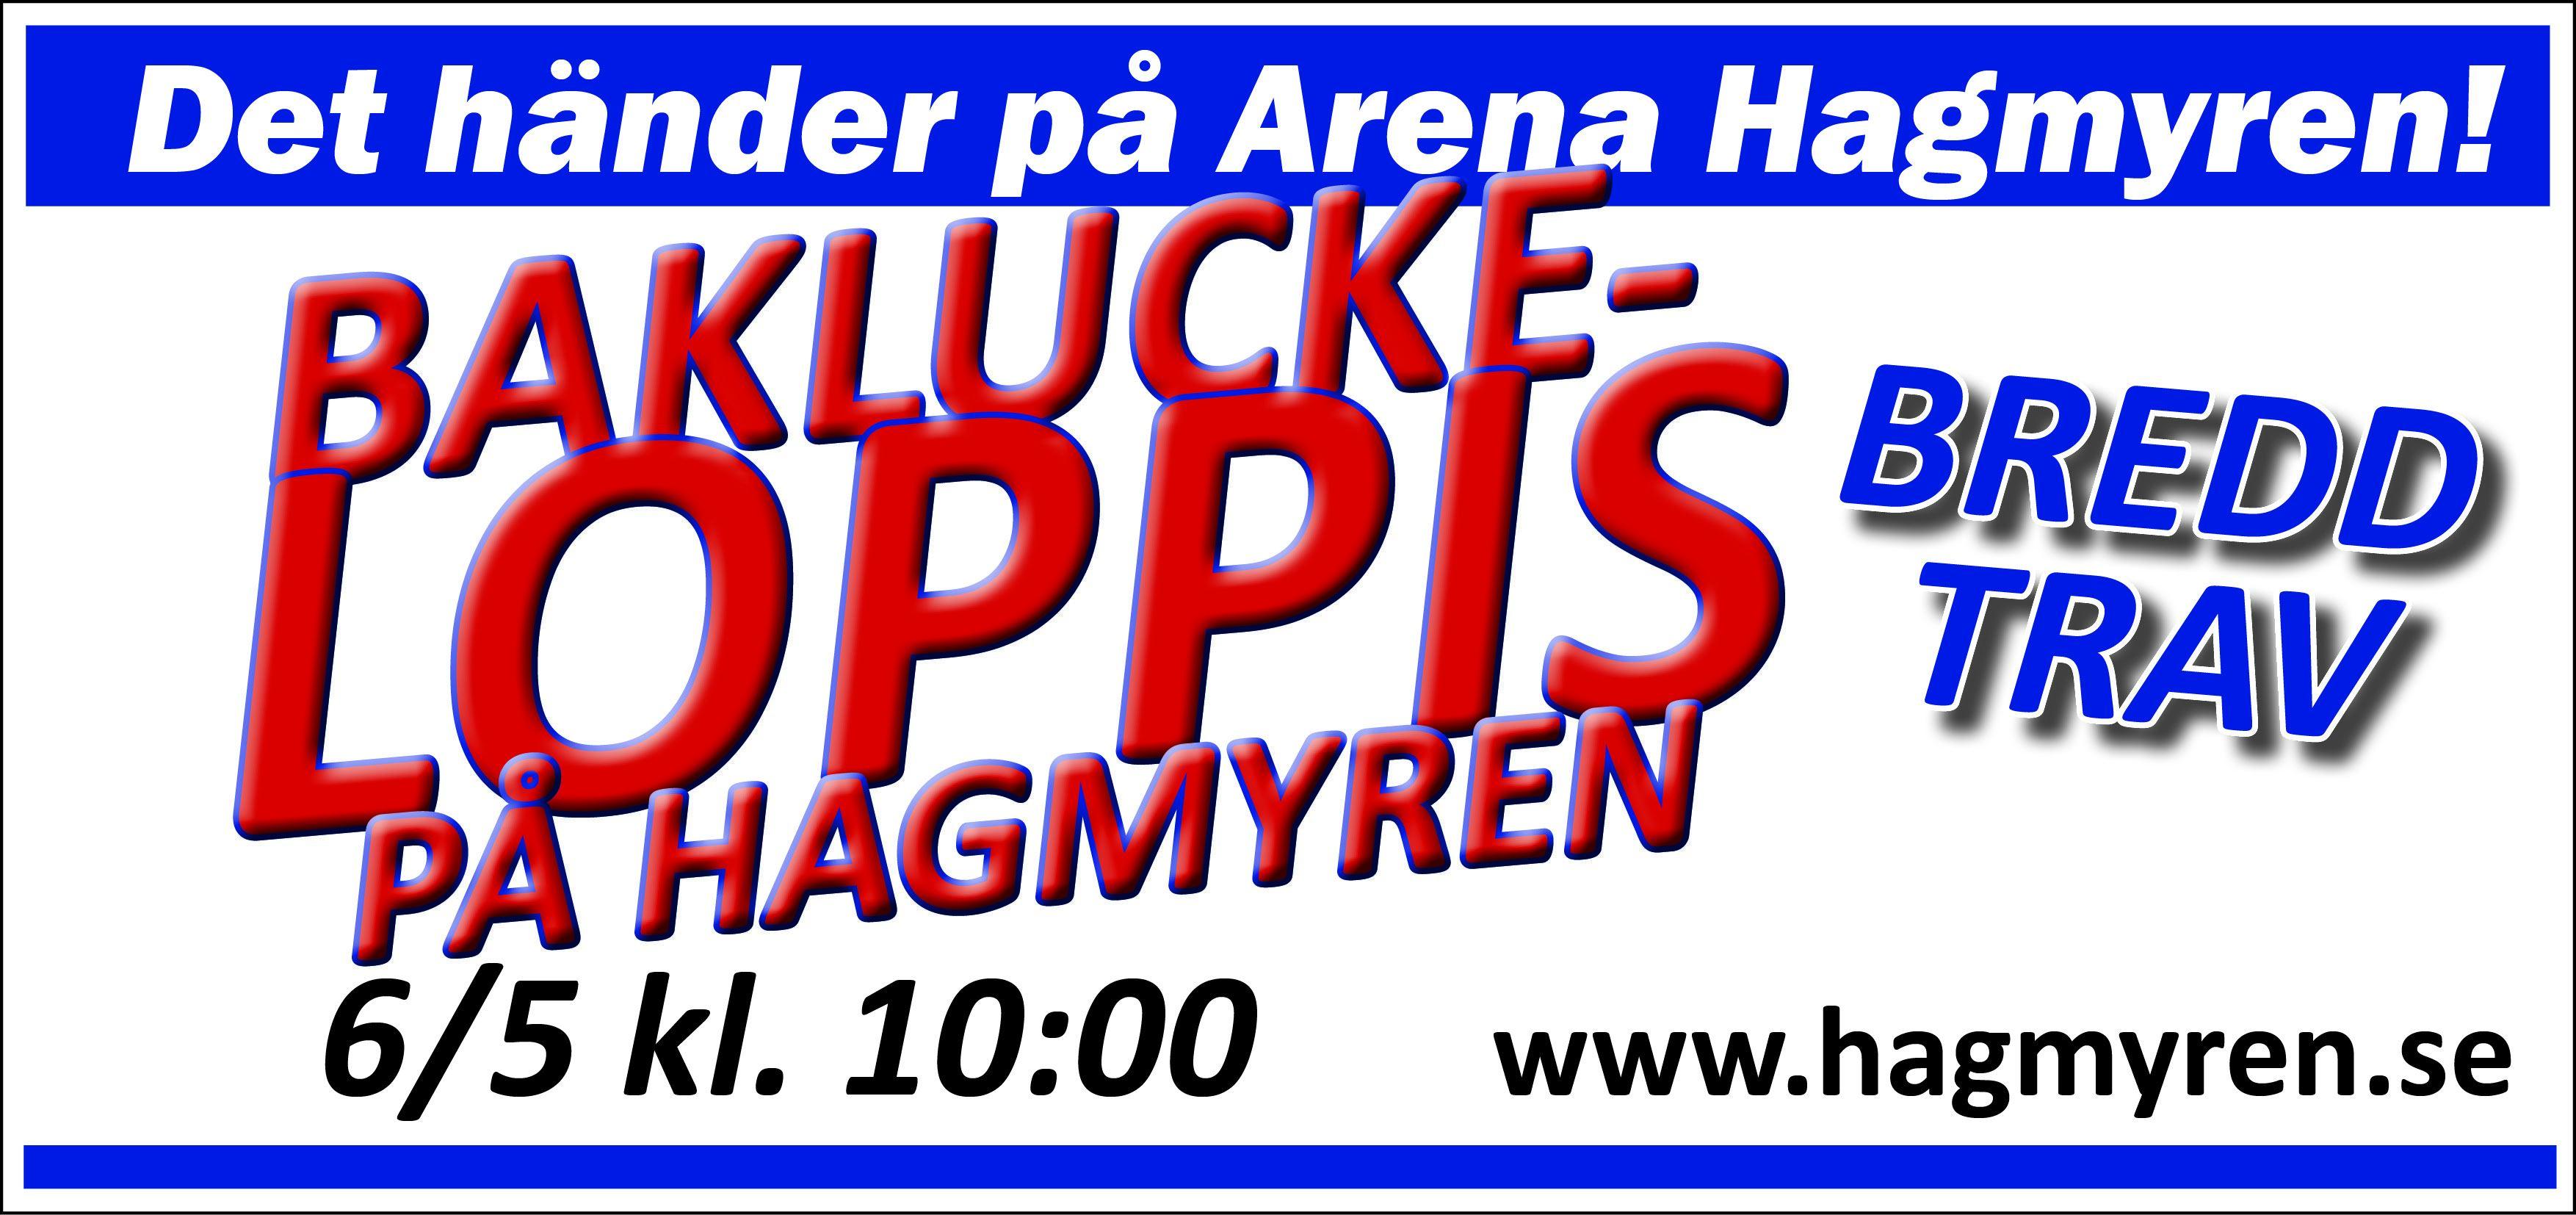 BAKLUCKELOPPIS på Arena Hagmyren